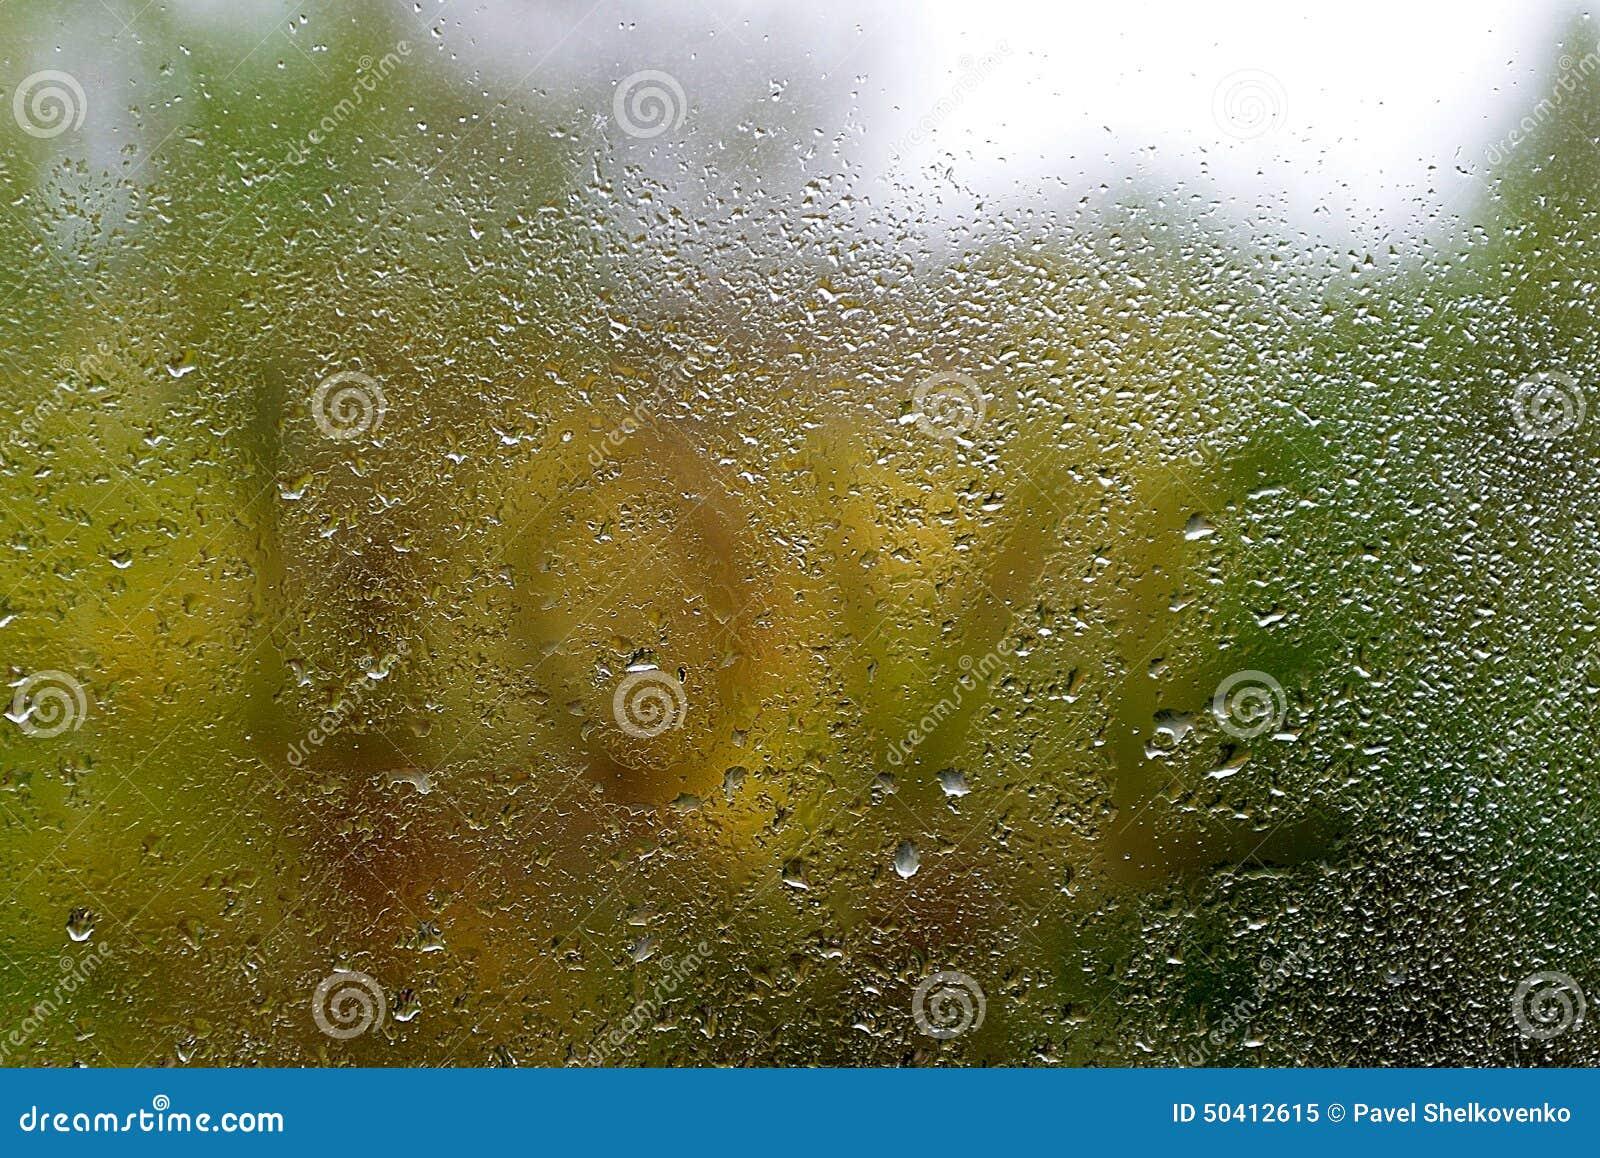 Word Love Written On Rain Drops On The Window Rain Drops On The Window Background